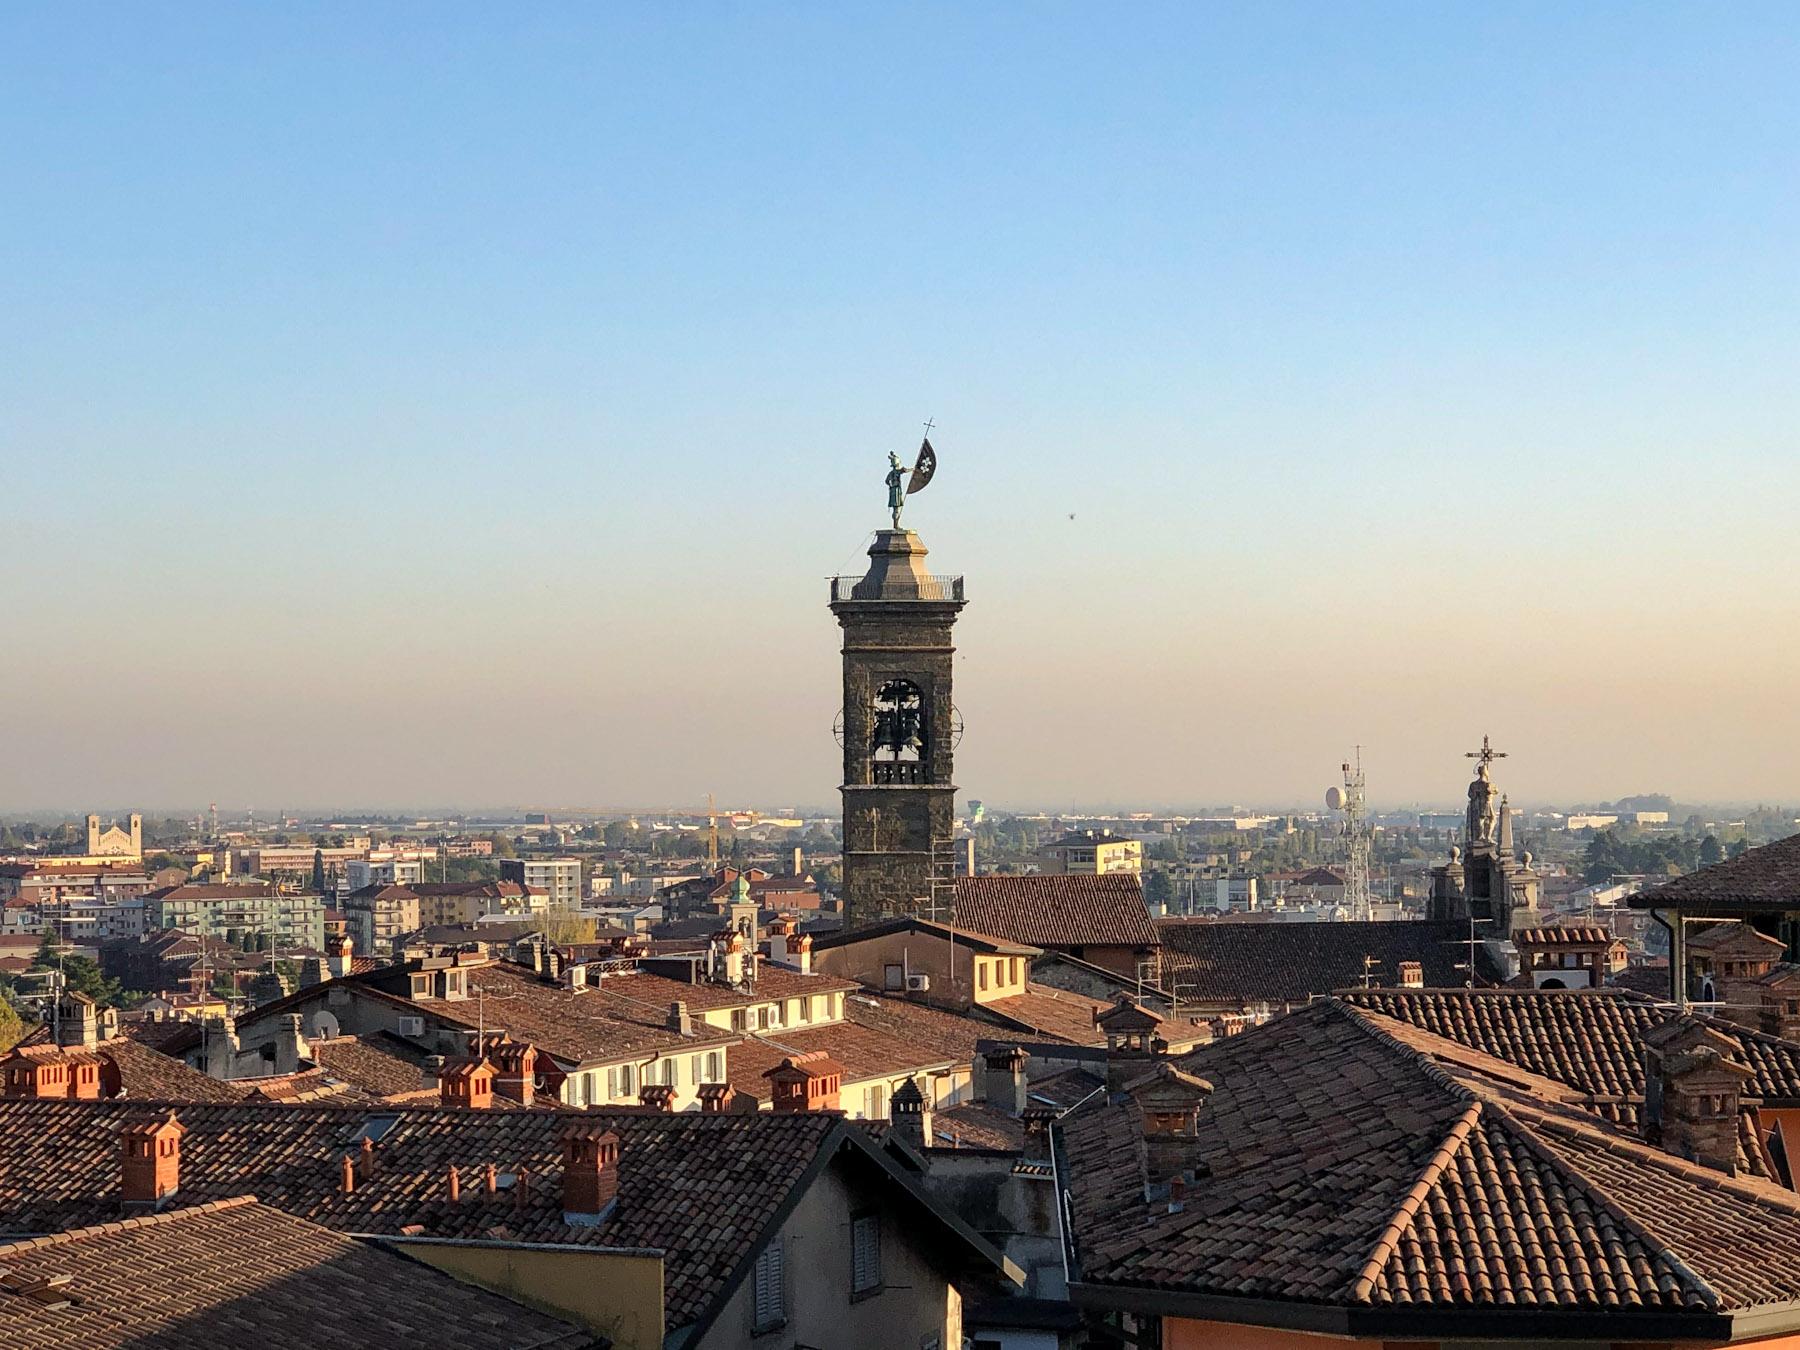 Campanile Sant'Alessandro della Croce, Bergamo, Italy